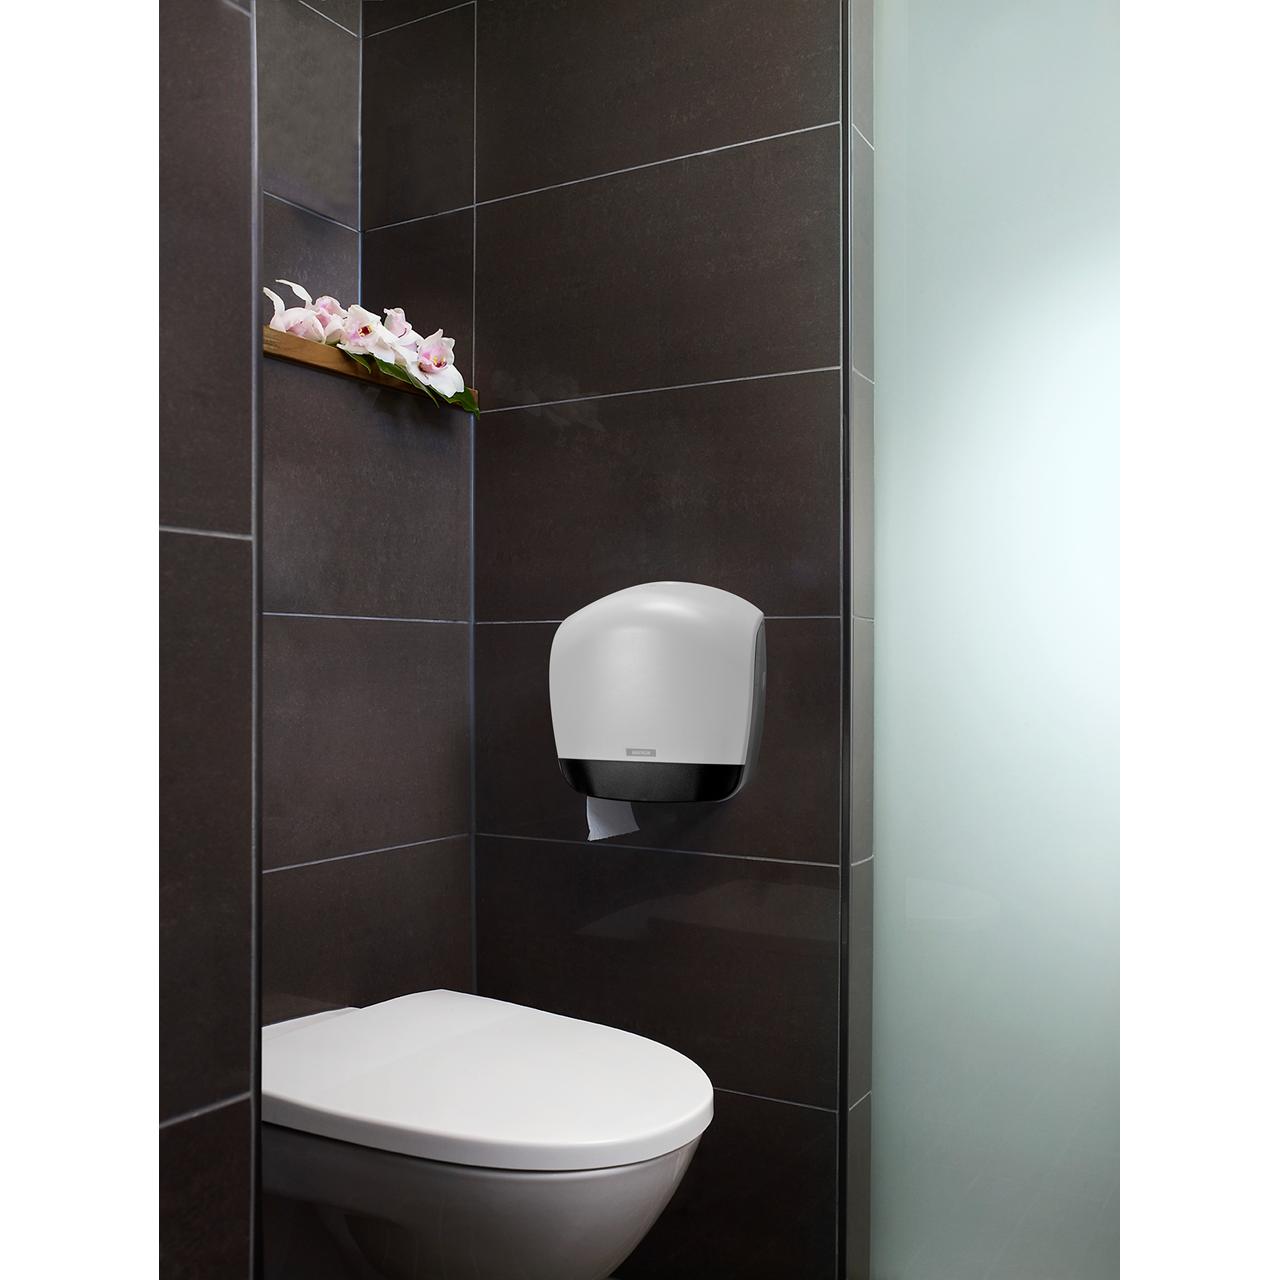 Katrin 90069 Gigant S Dispenser til toiletpapir - Hvid plast - Køb billigt på Grafical.dk